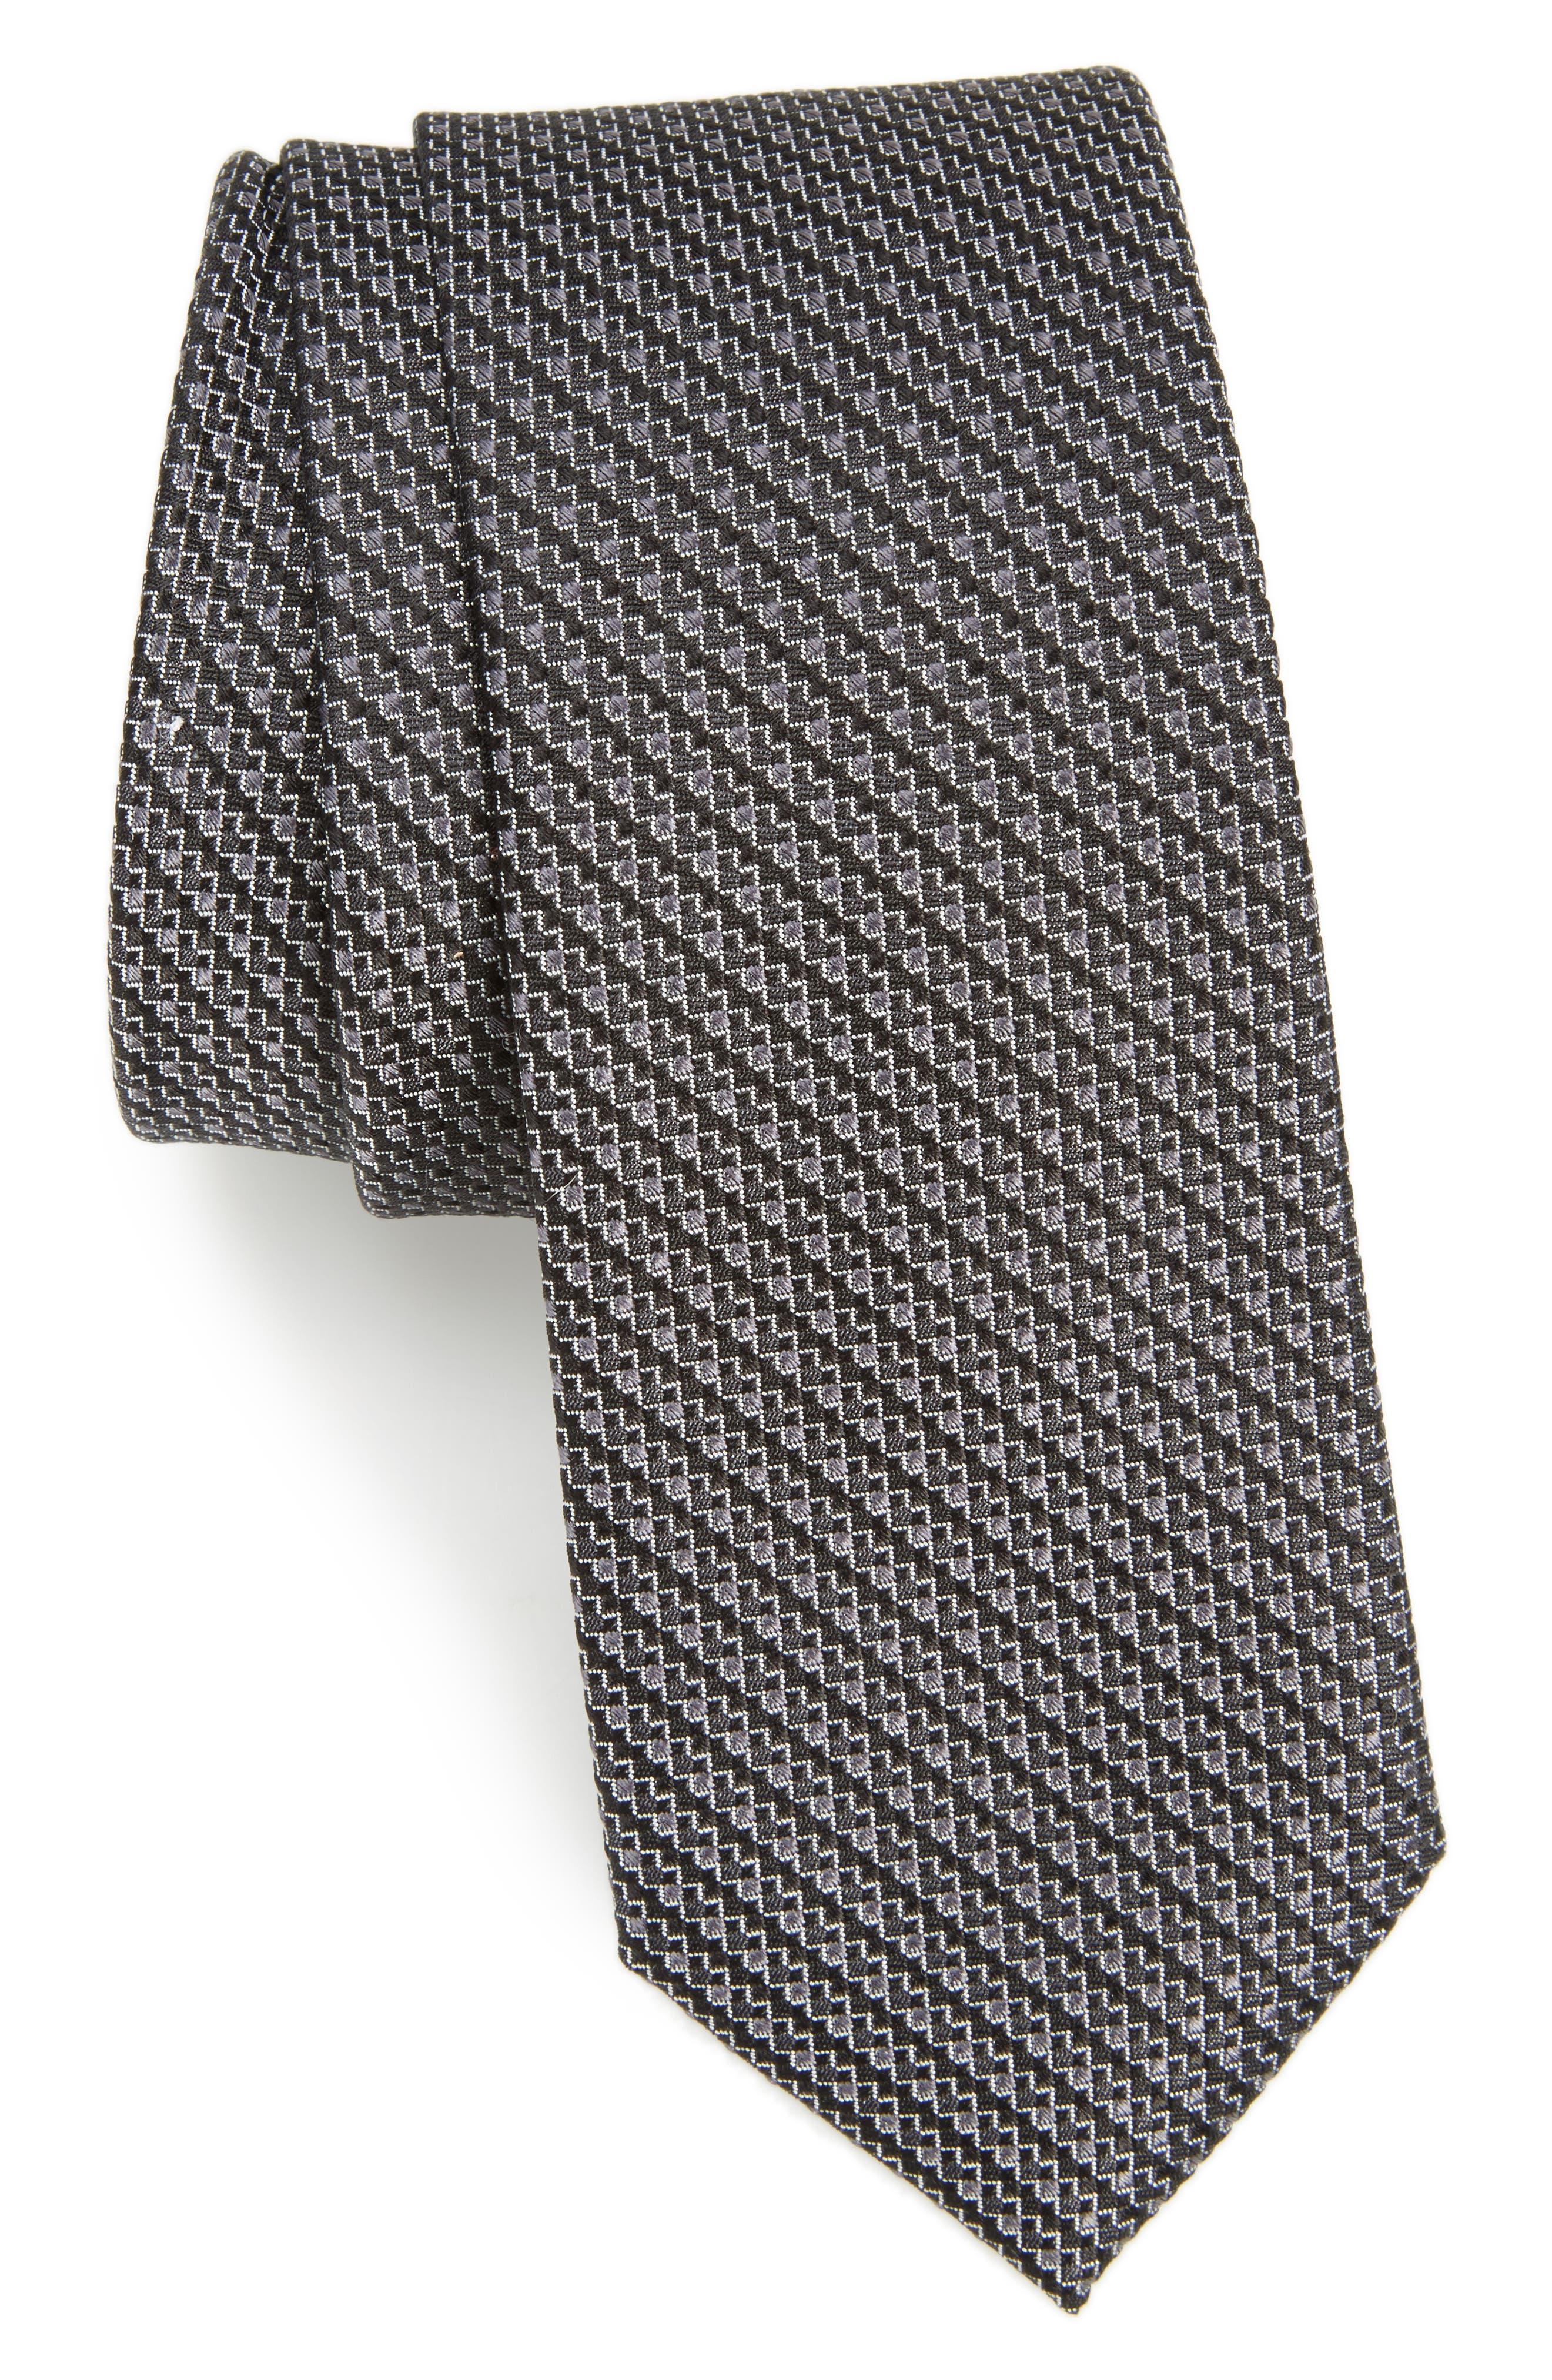 Calibrate Stellar Textured Silk Tie